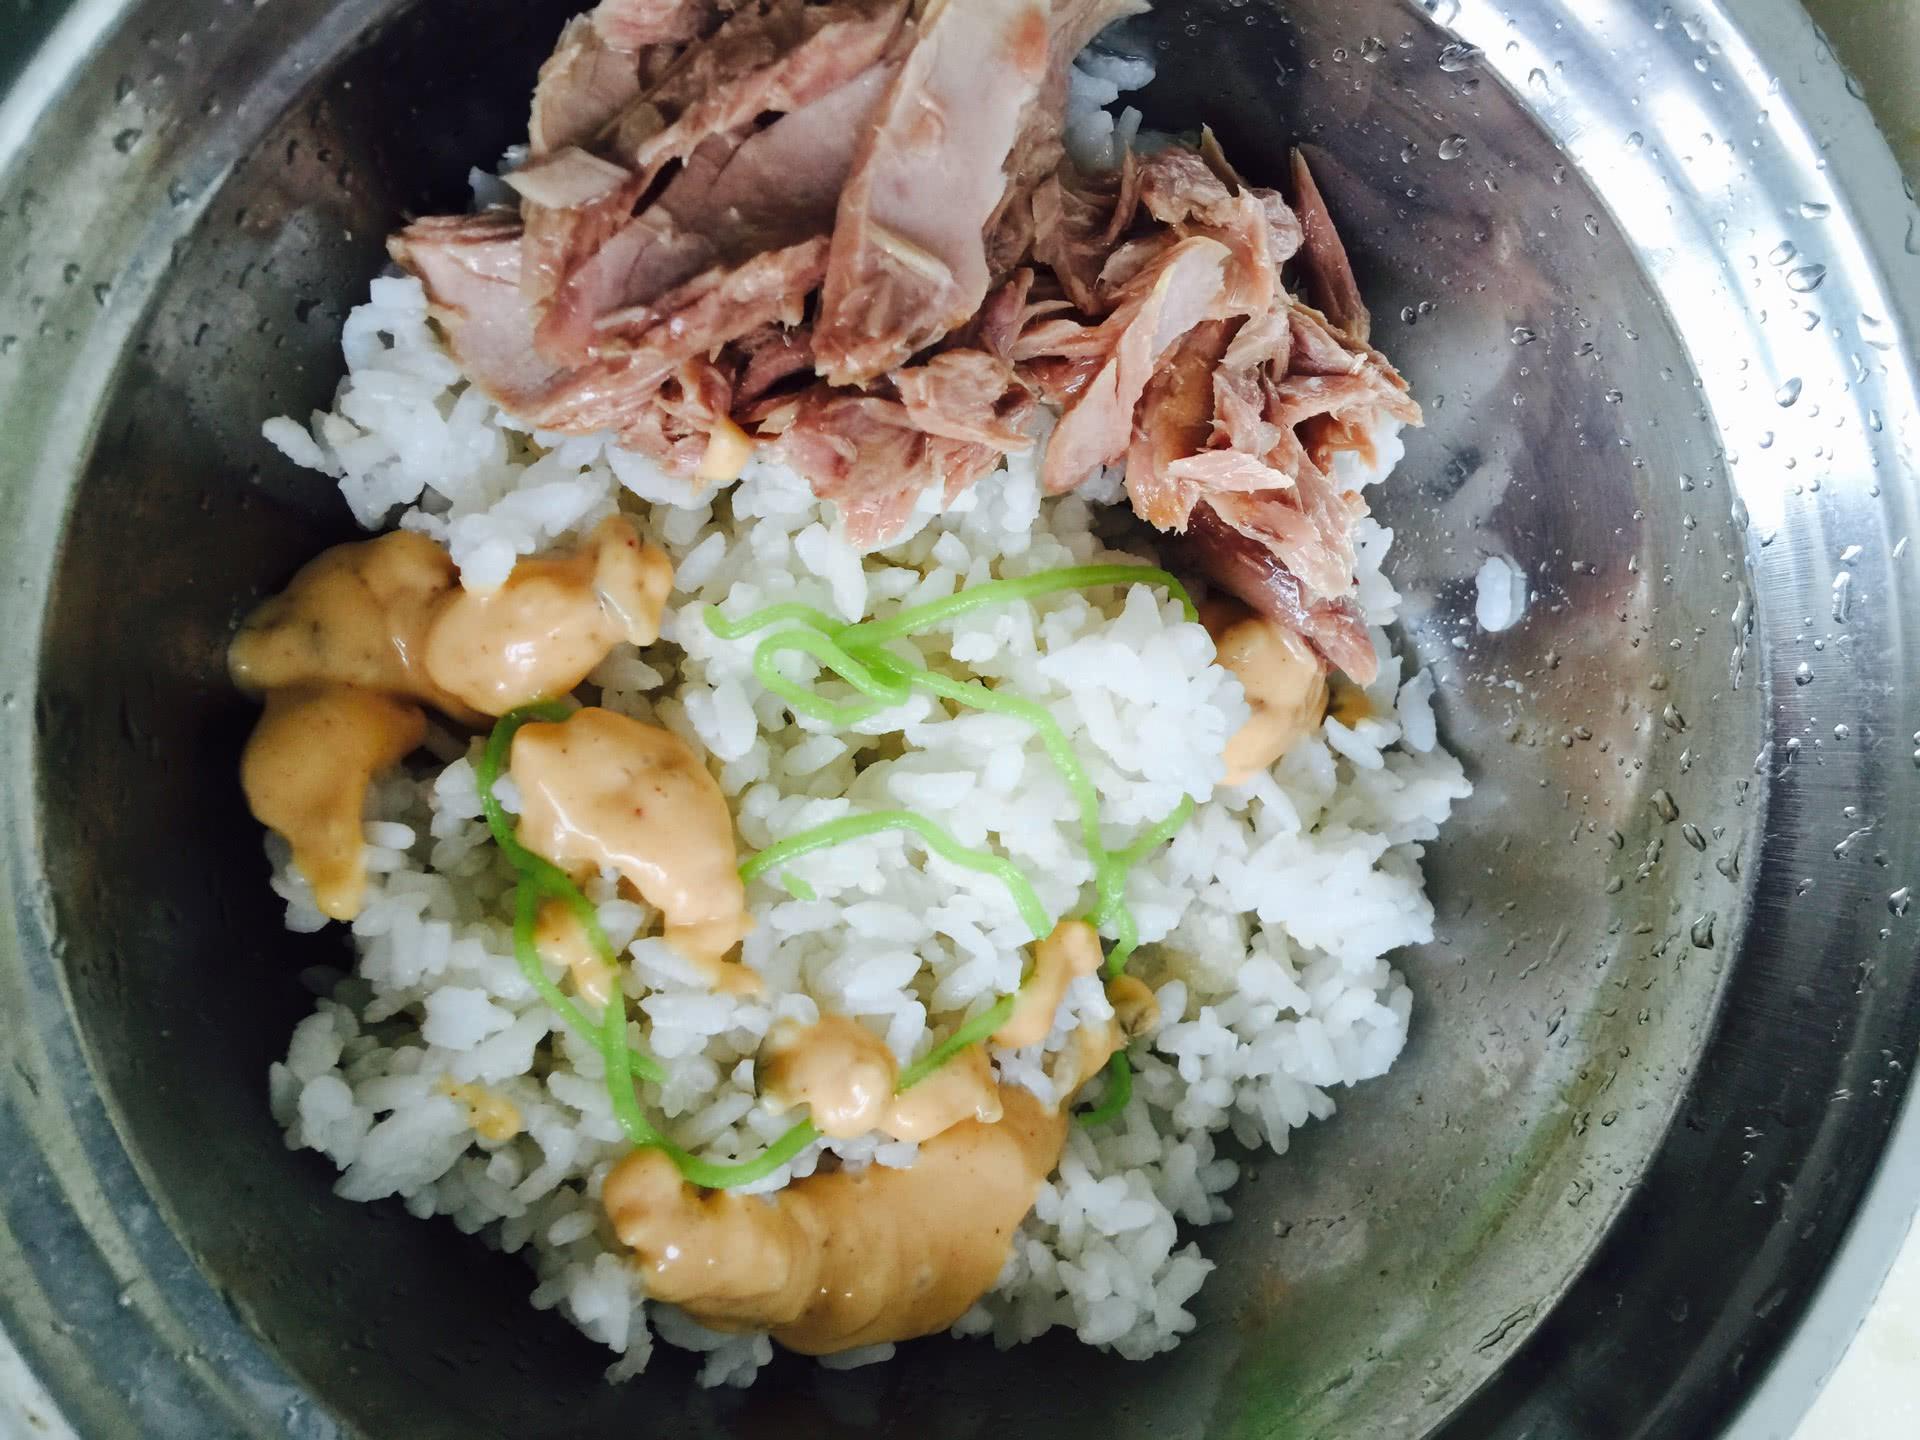 小朋友也都很爱吃 家里没有海苔也可以用日本的那种拌饭海苔 味道也很